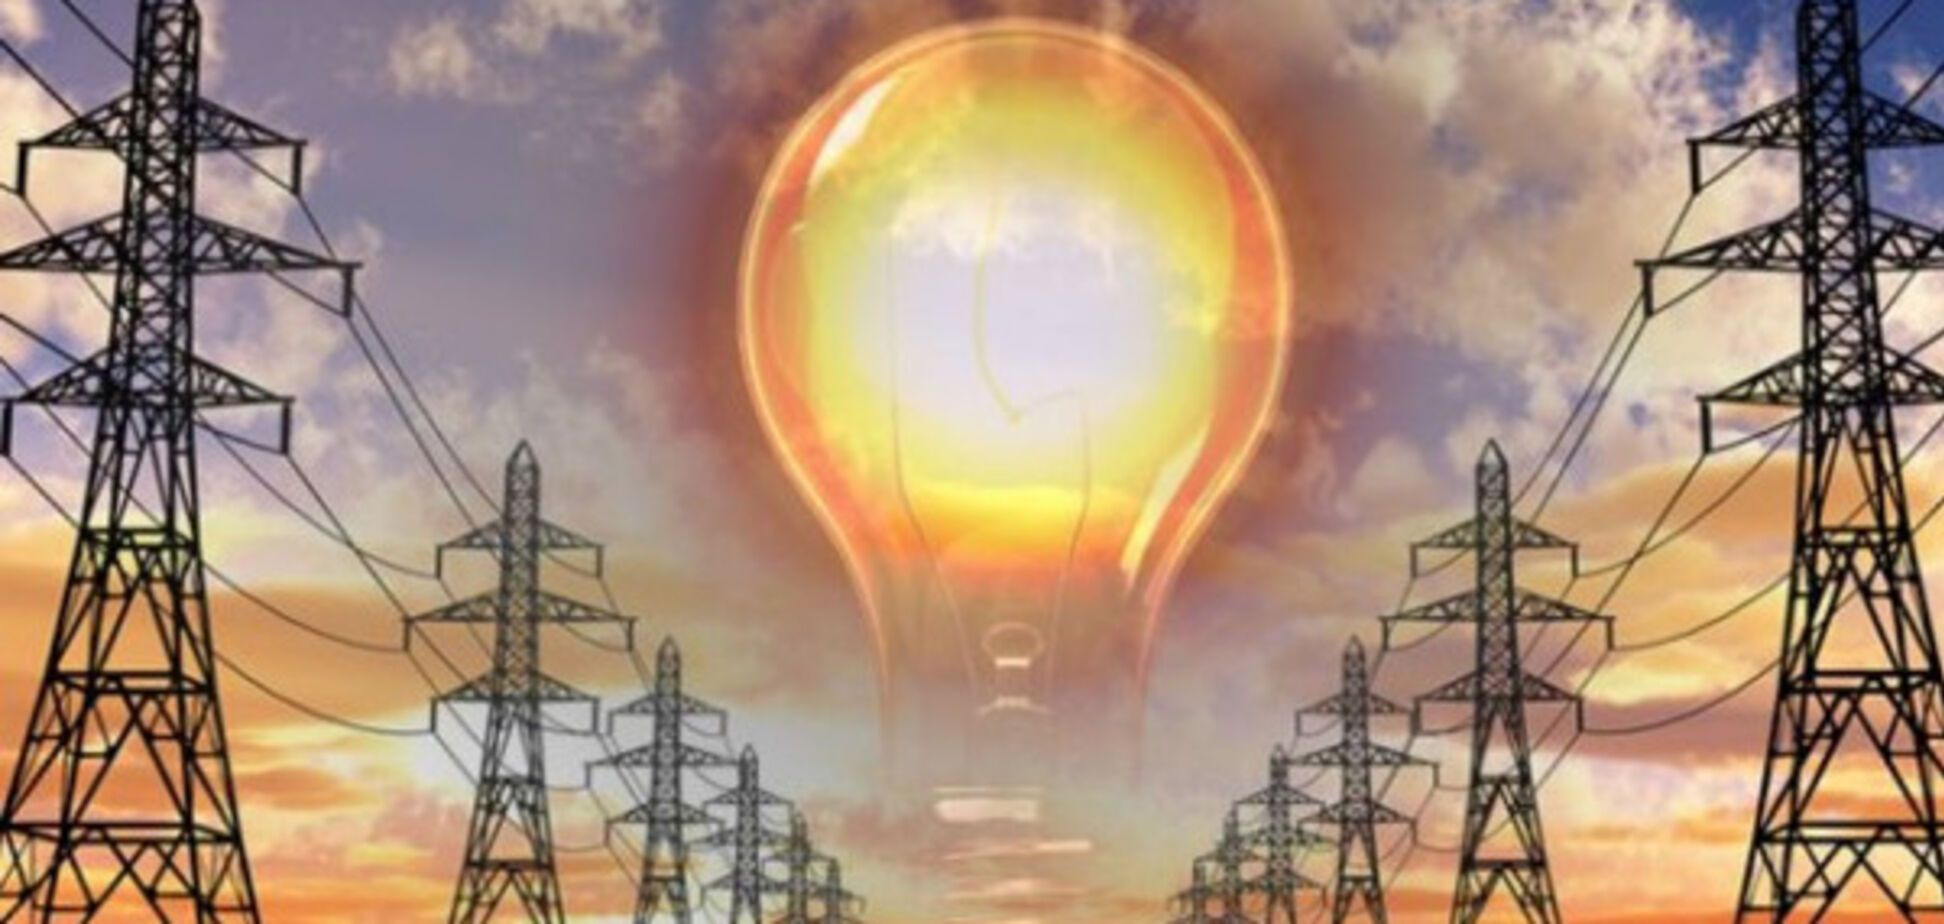 'Відродження' просить уряд знизити тарифи на світло для жителів Балаклії